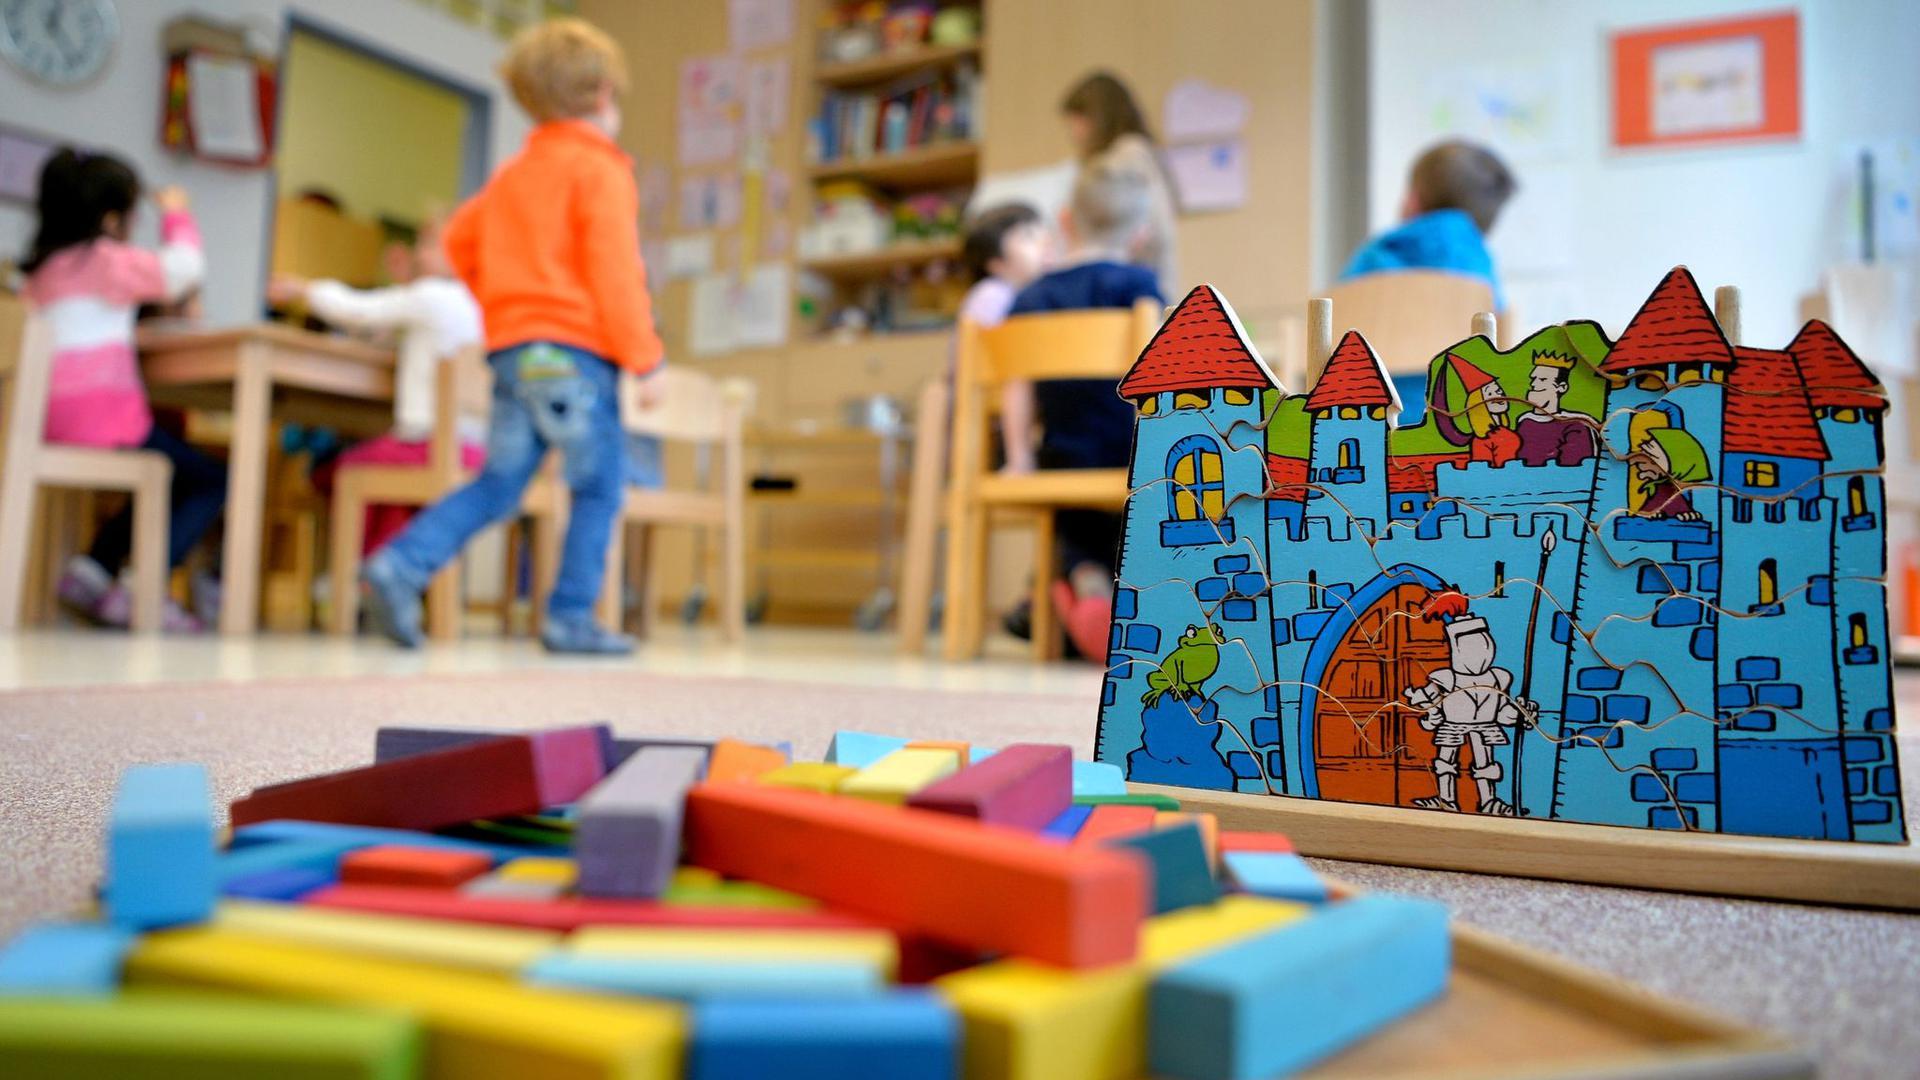 Abwägen zwischen Infektionsschutz und pädagogischem und sozialem Auftrag: Dürfen Eltern ihren Kinder auch bei leichten Erkältungssymptomen in Kita und Schule schicken?